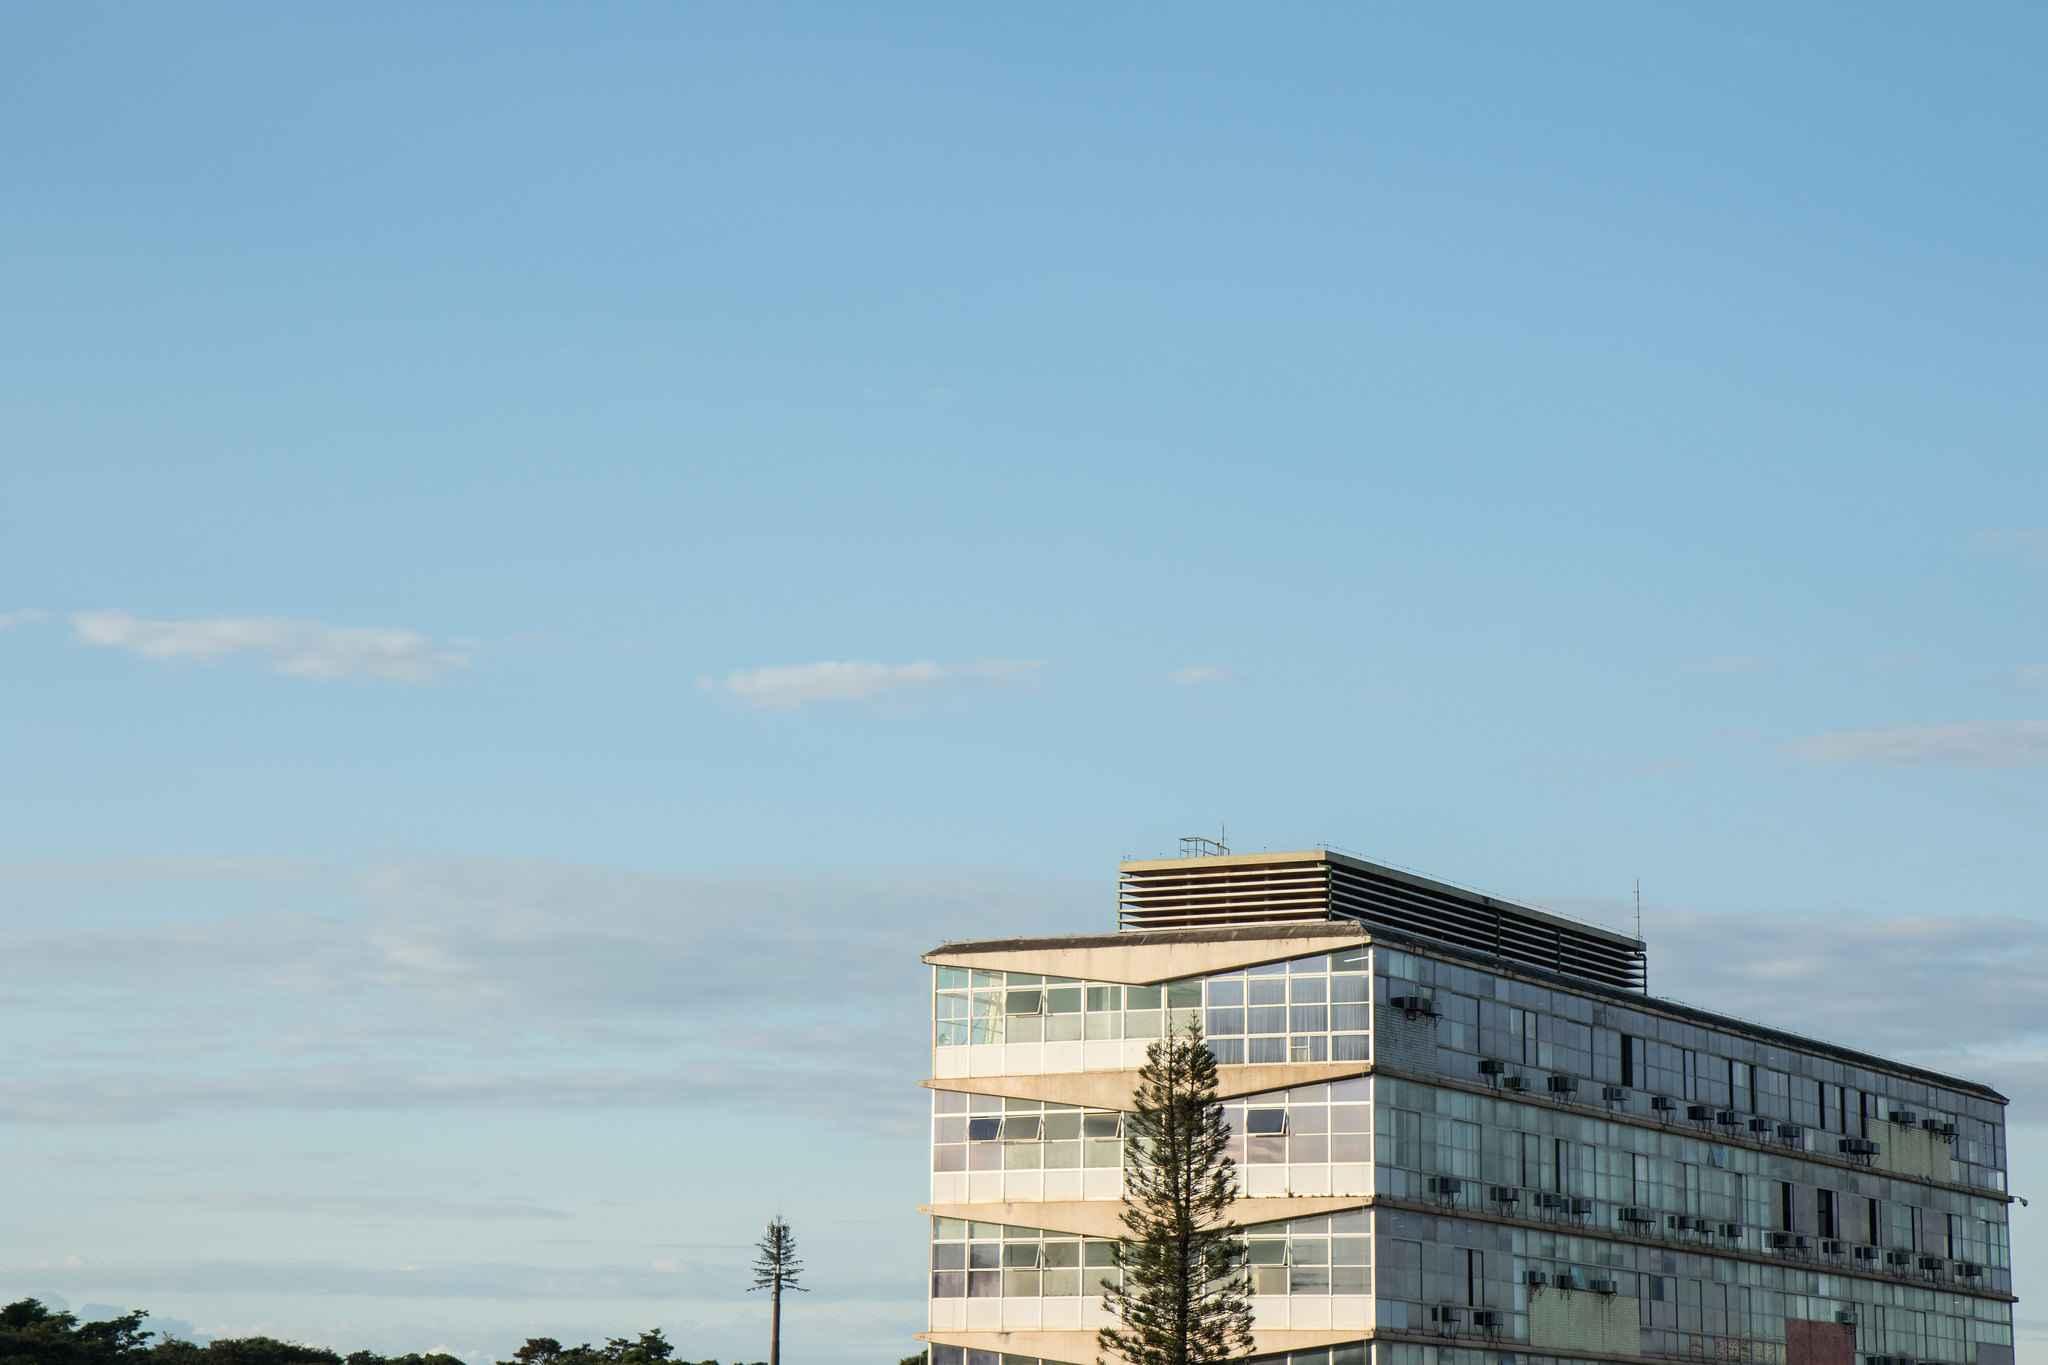 Vista do prédio da Reitoria, no campus Pampulha